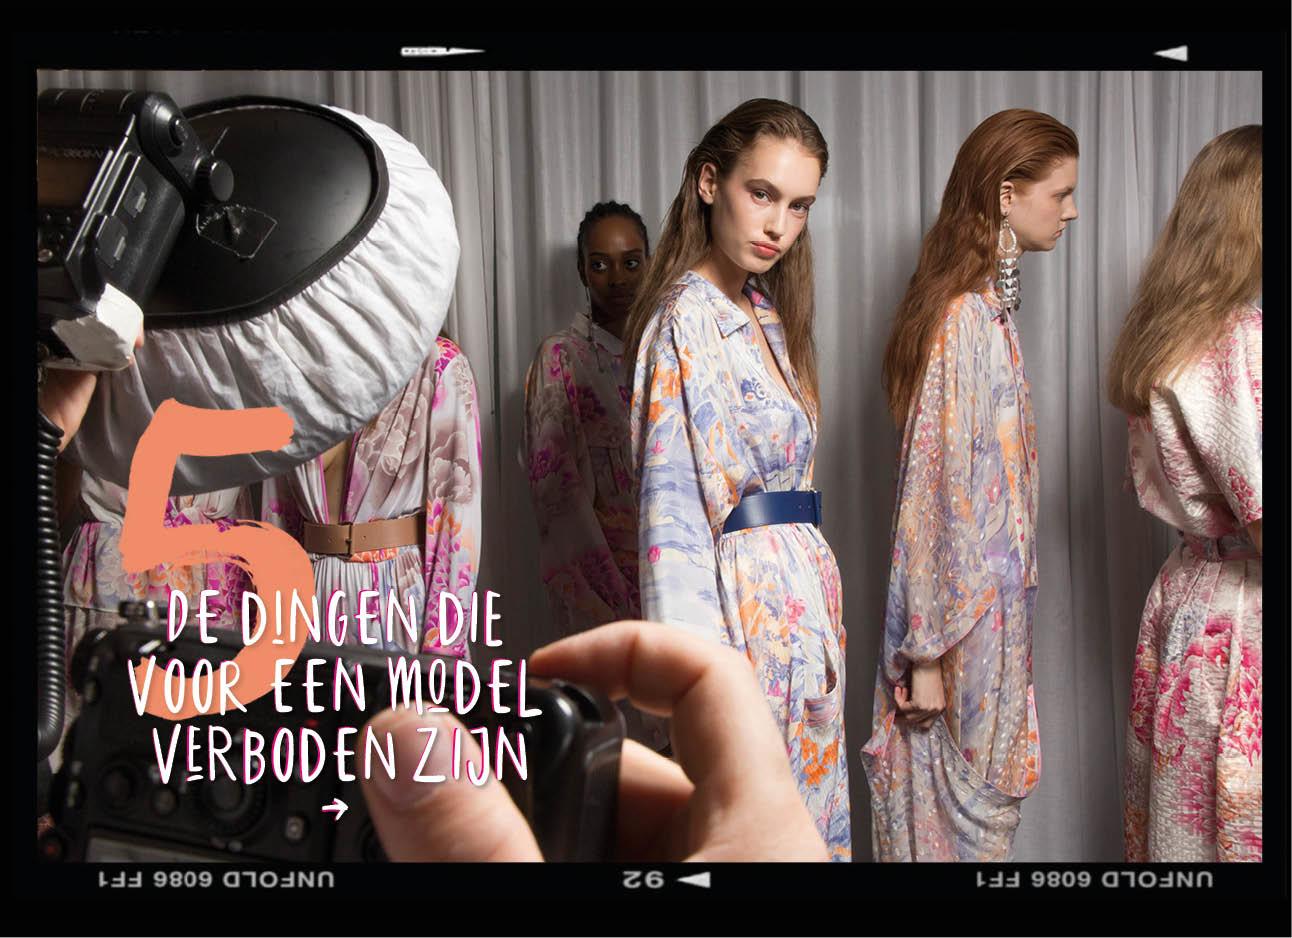 Dagboek van een model modellen backstage bij fashionshow